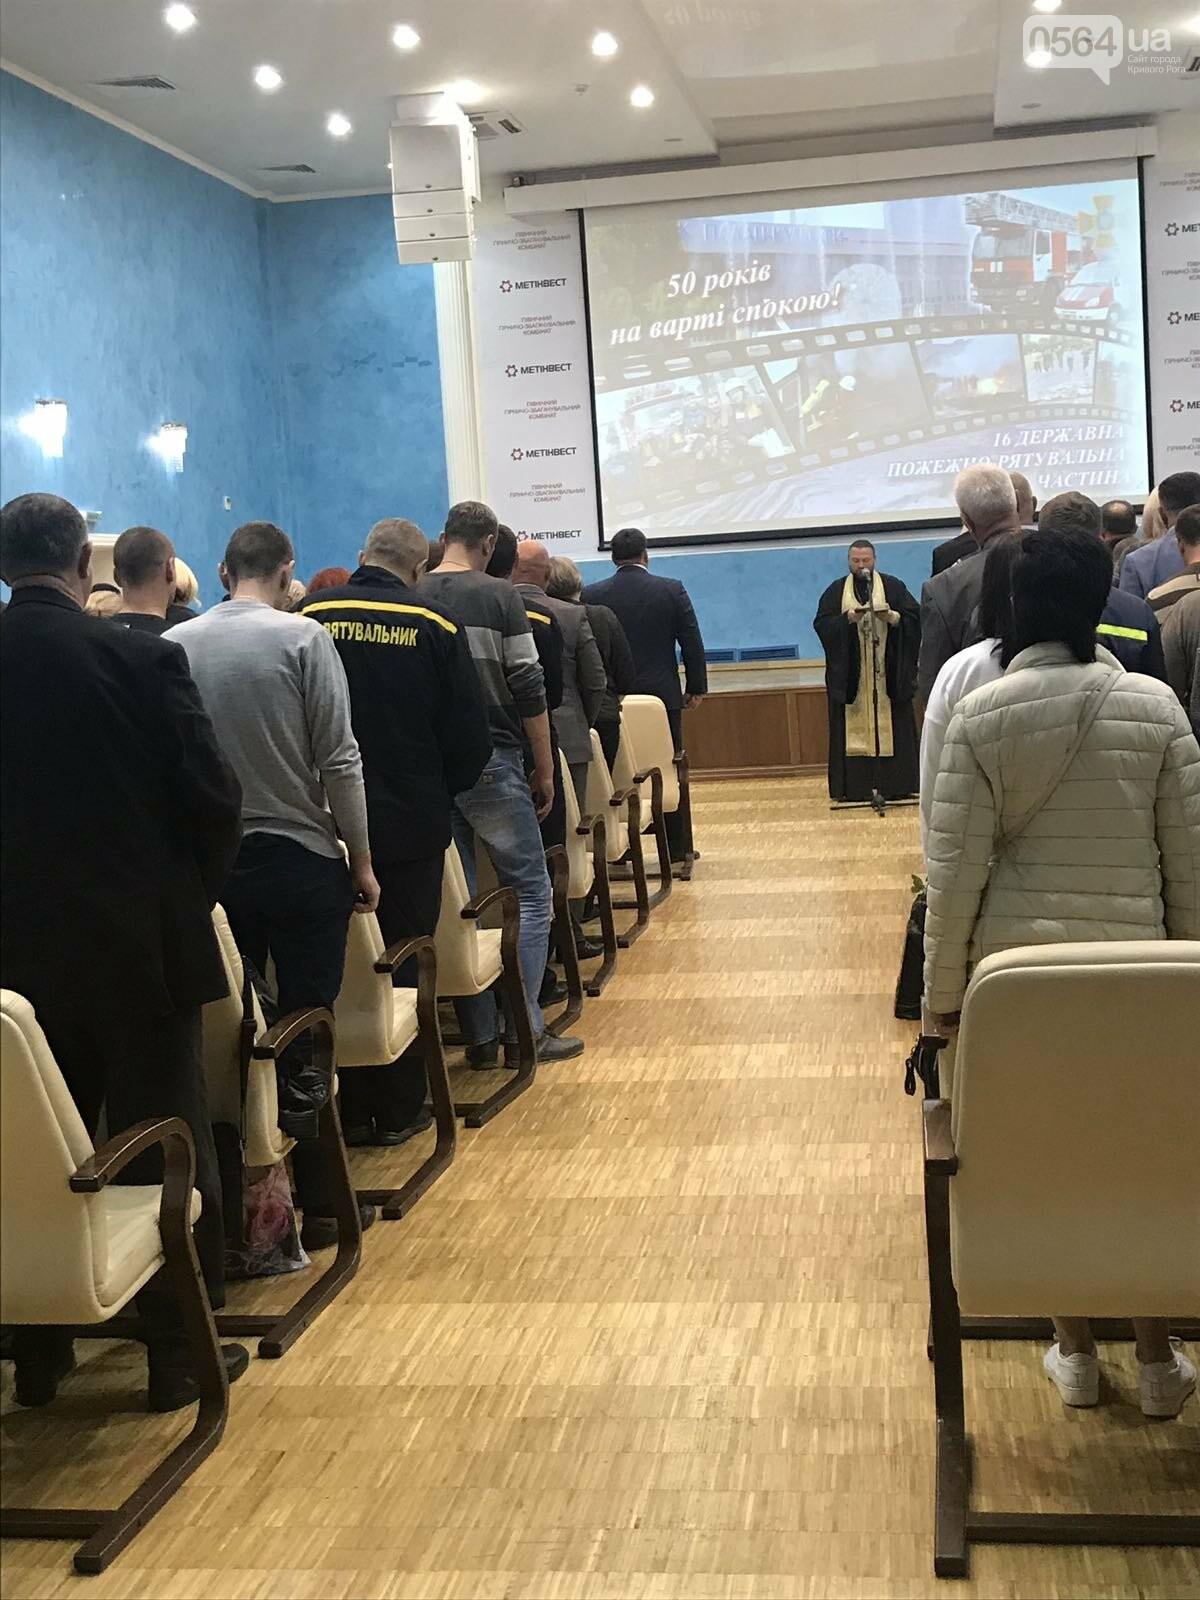 В Кривом Роге пожарно-спасательная часть отпраздновала 50-летие, - ФОТО , фото-9